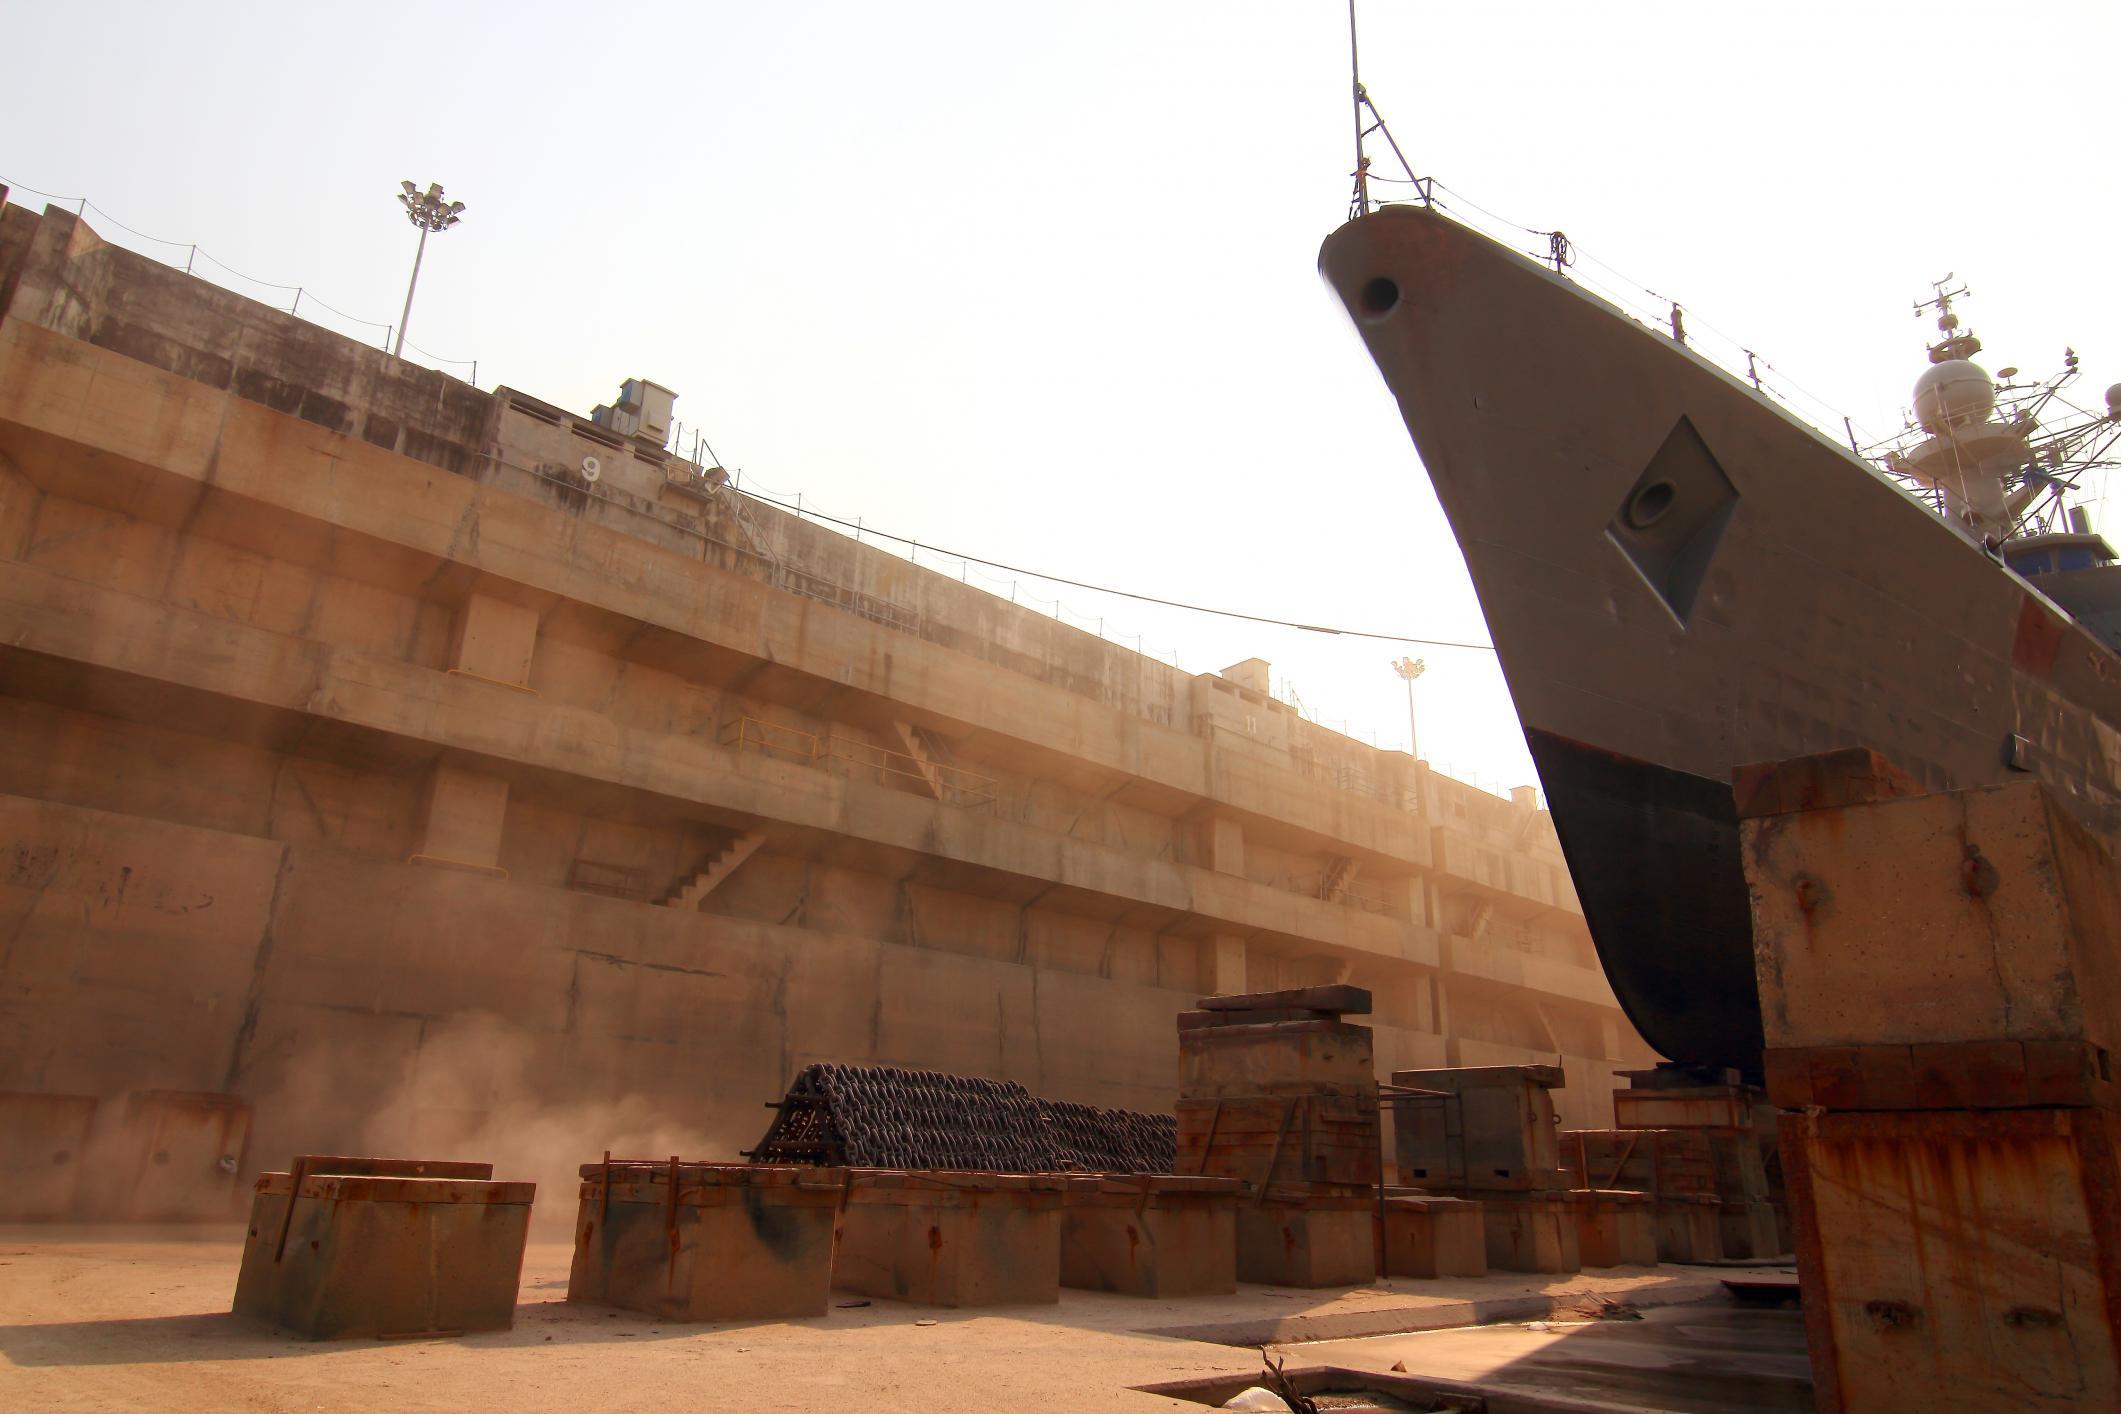 boat sandblasting job in san diego california